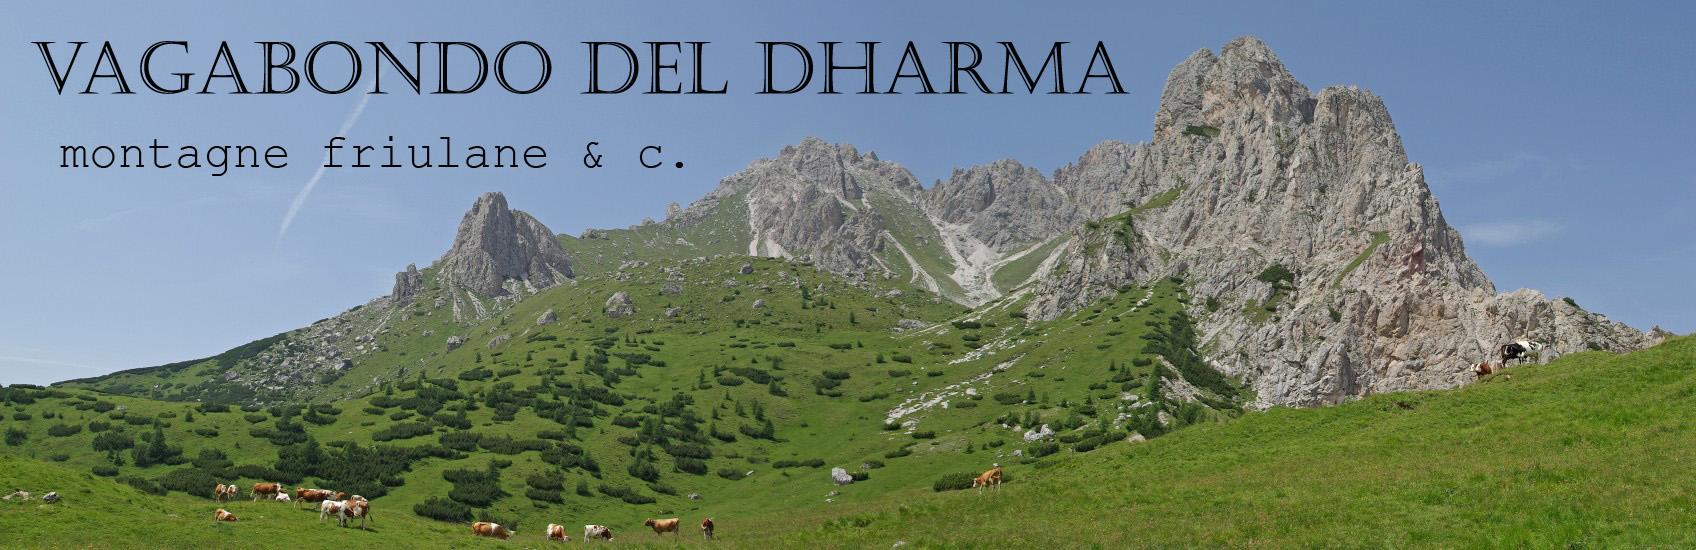 vagabondo del dharma